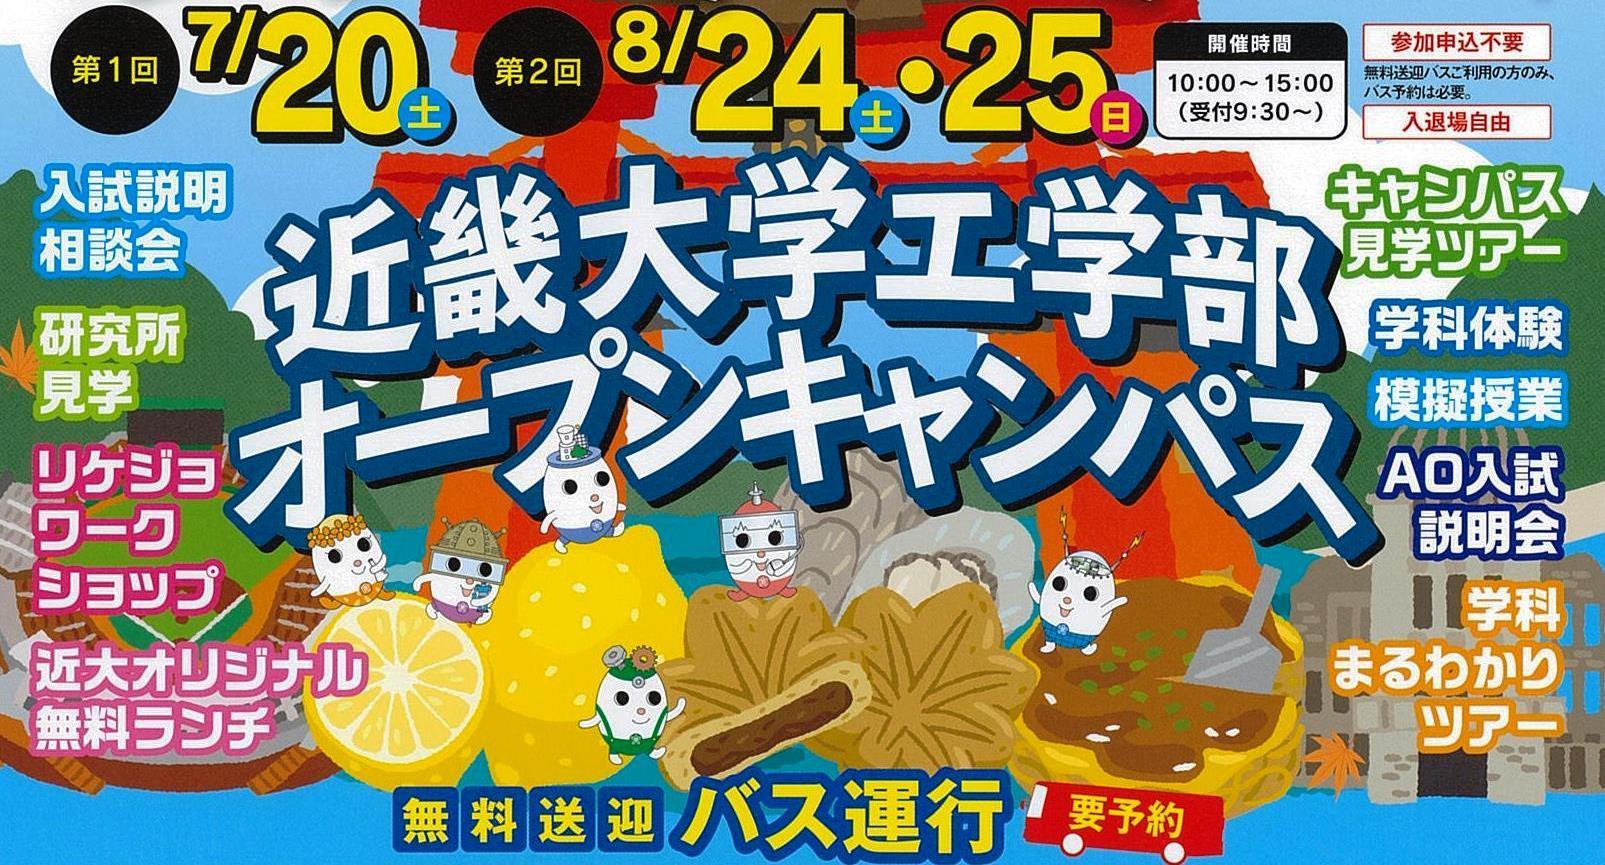 7/20(土)、8/24(土)・25(日)